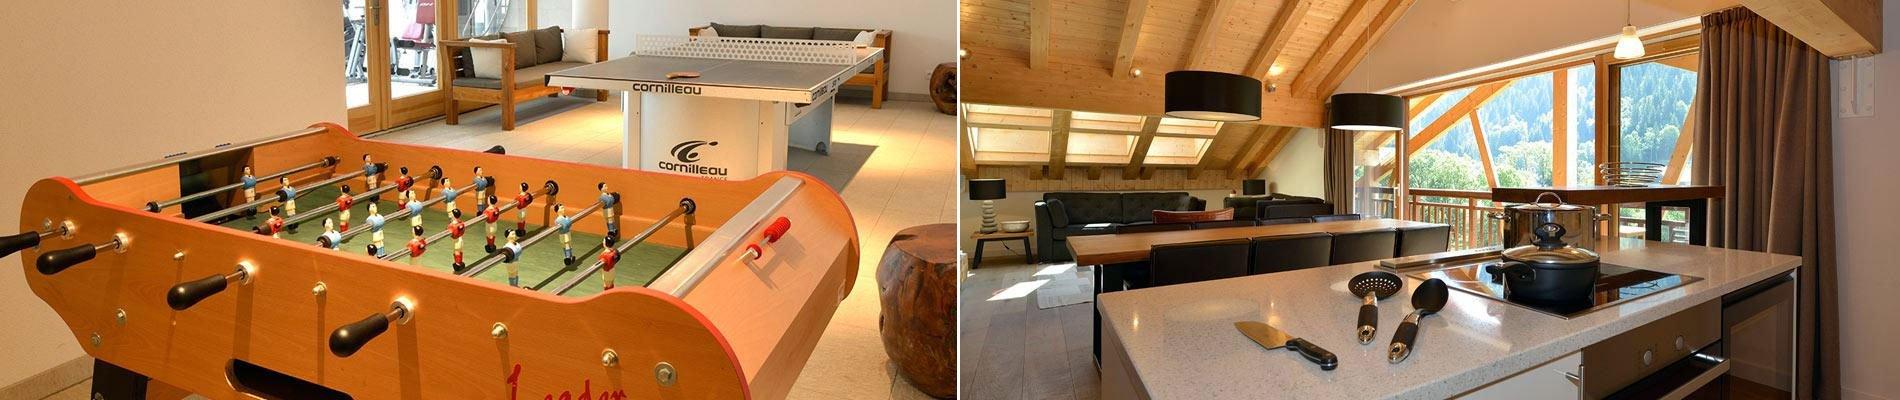 romex-alpine-estate-mont-blanc-chapelle-abondance-chatel-portes-du-soleil